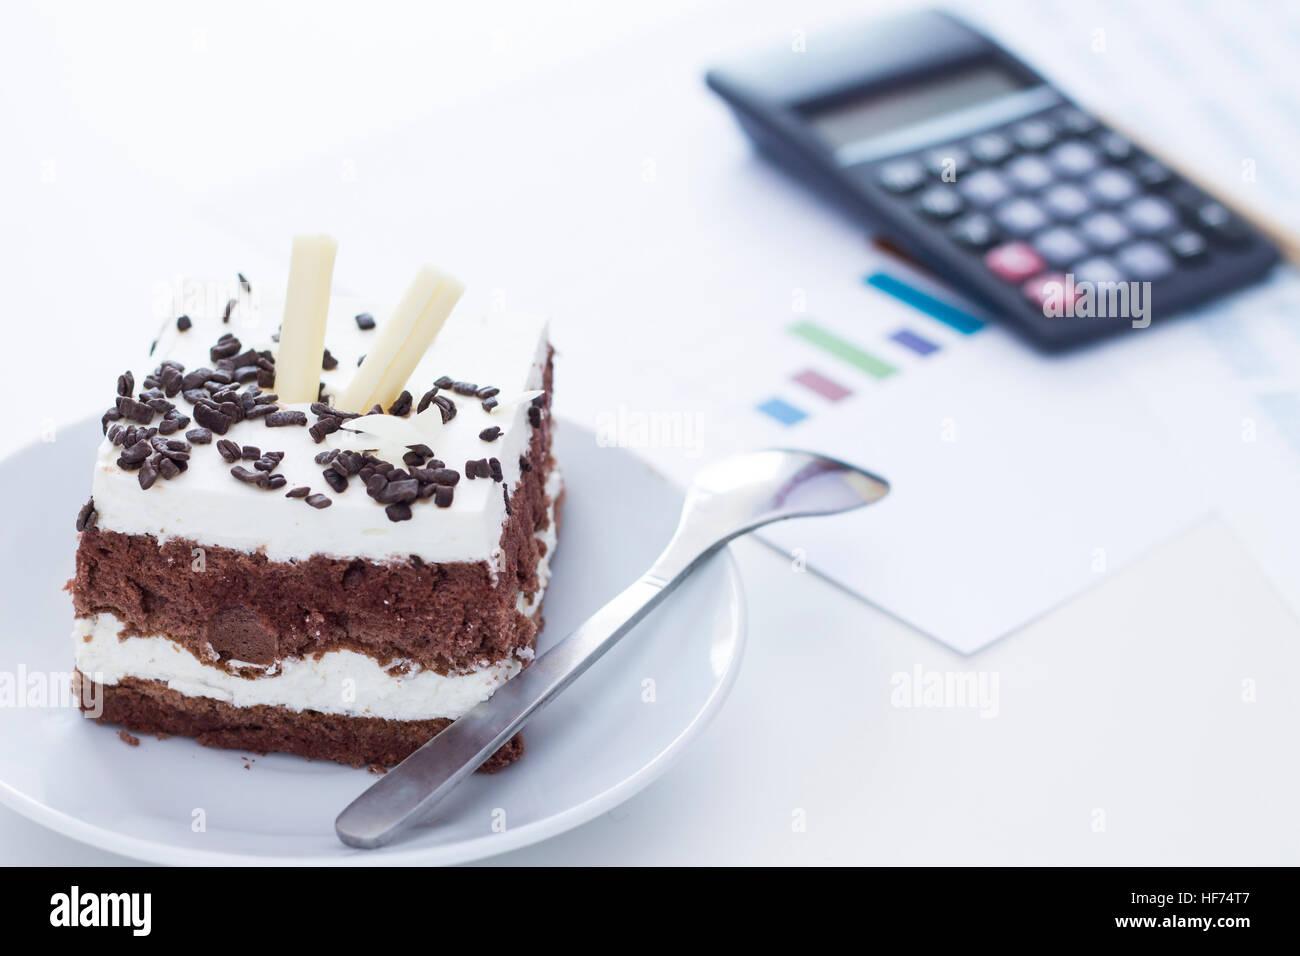 Temps pour quelque chose de sucré. Gâteau mousse au chocolat sur le bureau. Photo Stock